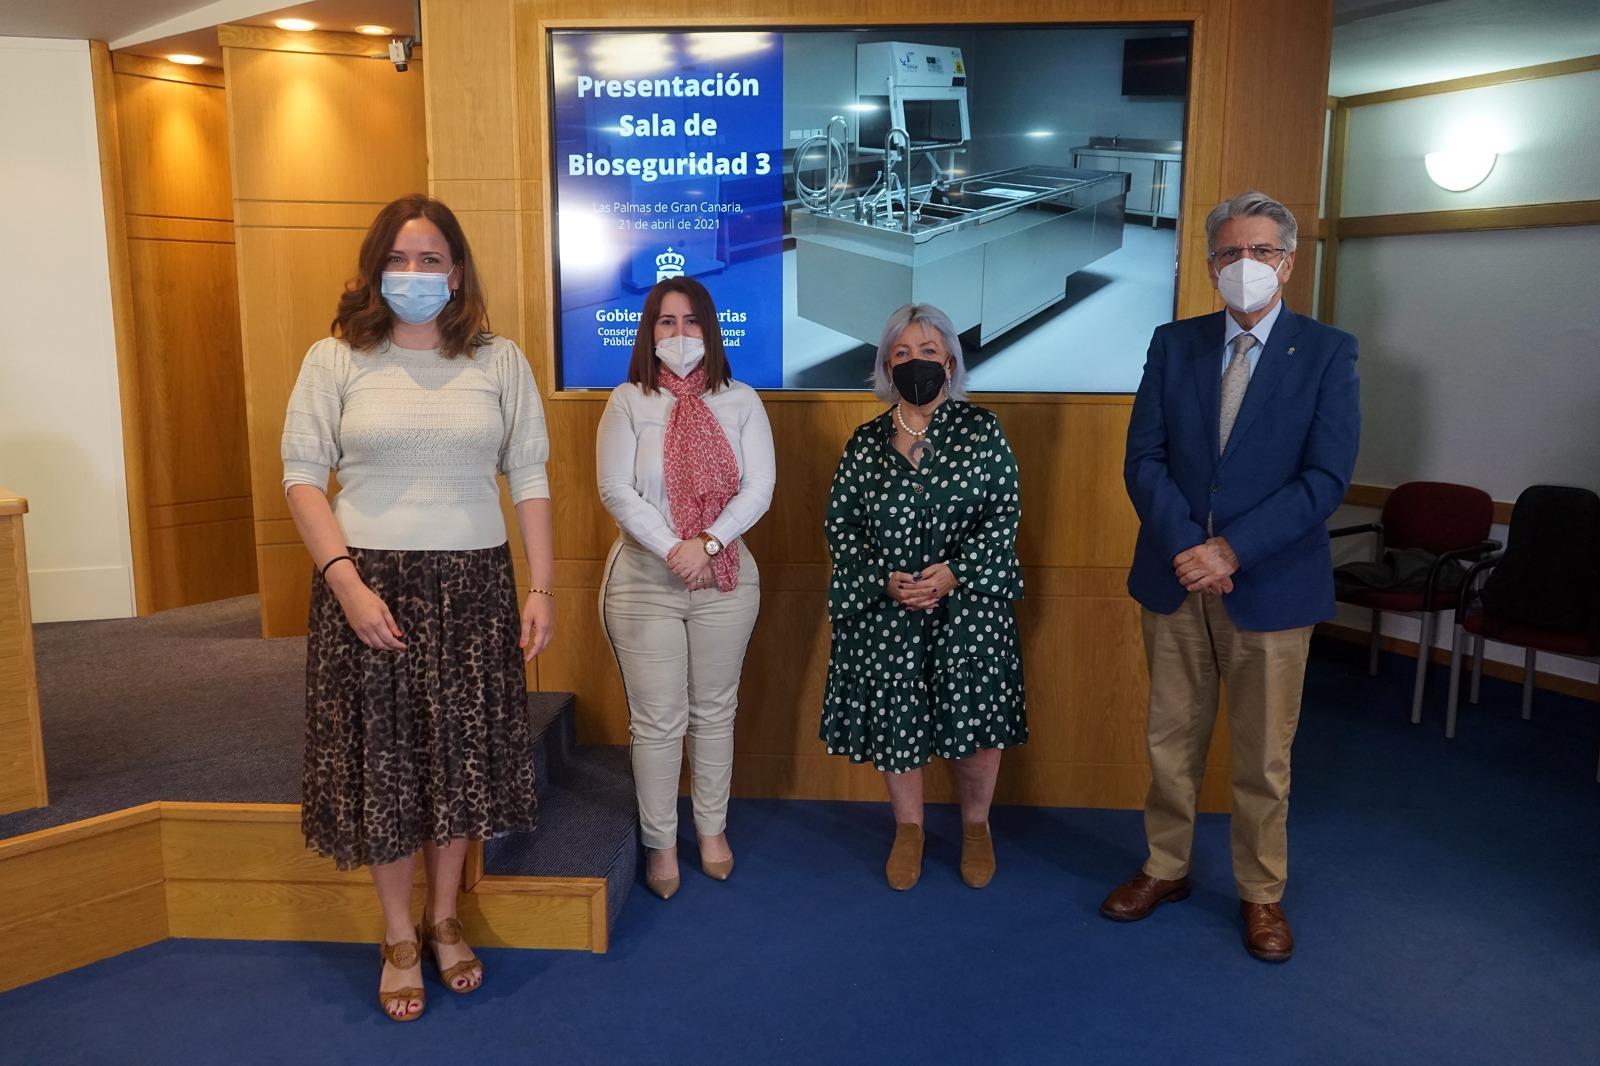 Canarias dispone ya de la primera sala de bioseguridad para autopsias por Covid y otras causas infecciosas